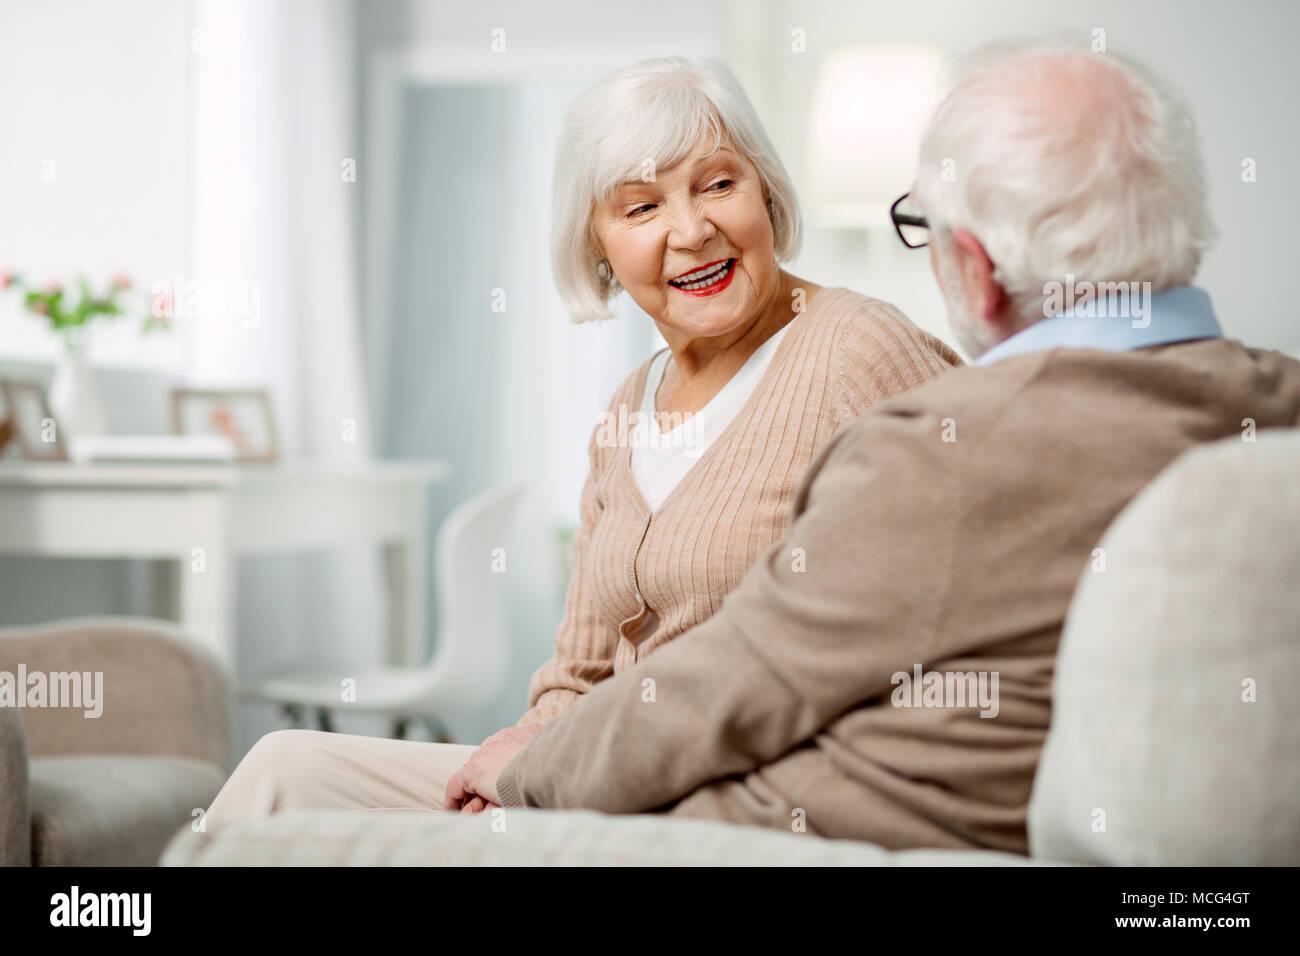 Cheerful âgés de femme parlant à son mari Photo Stock